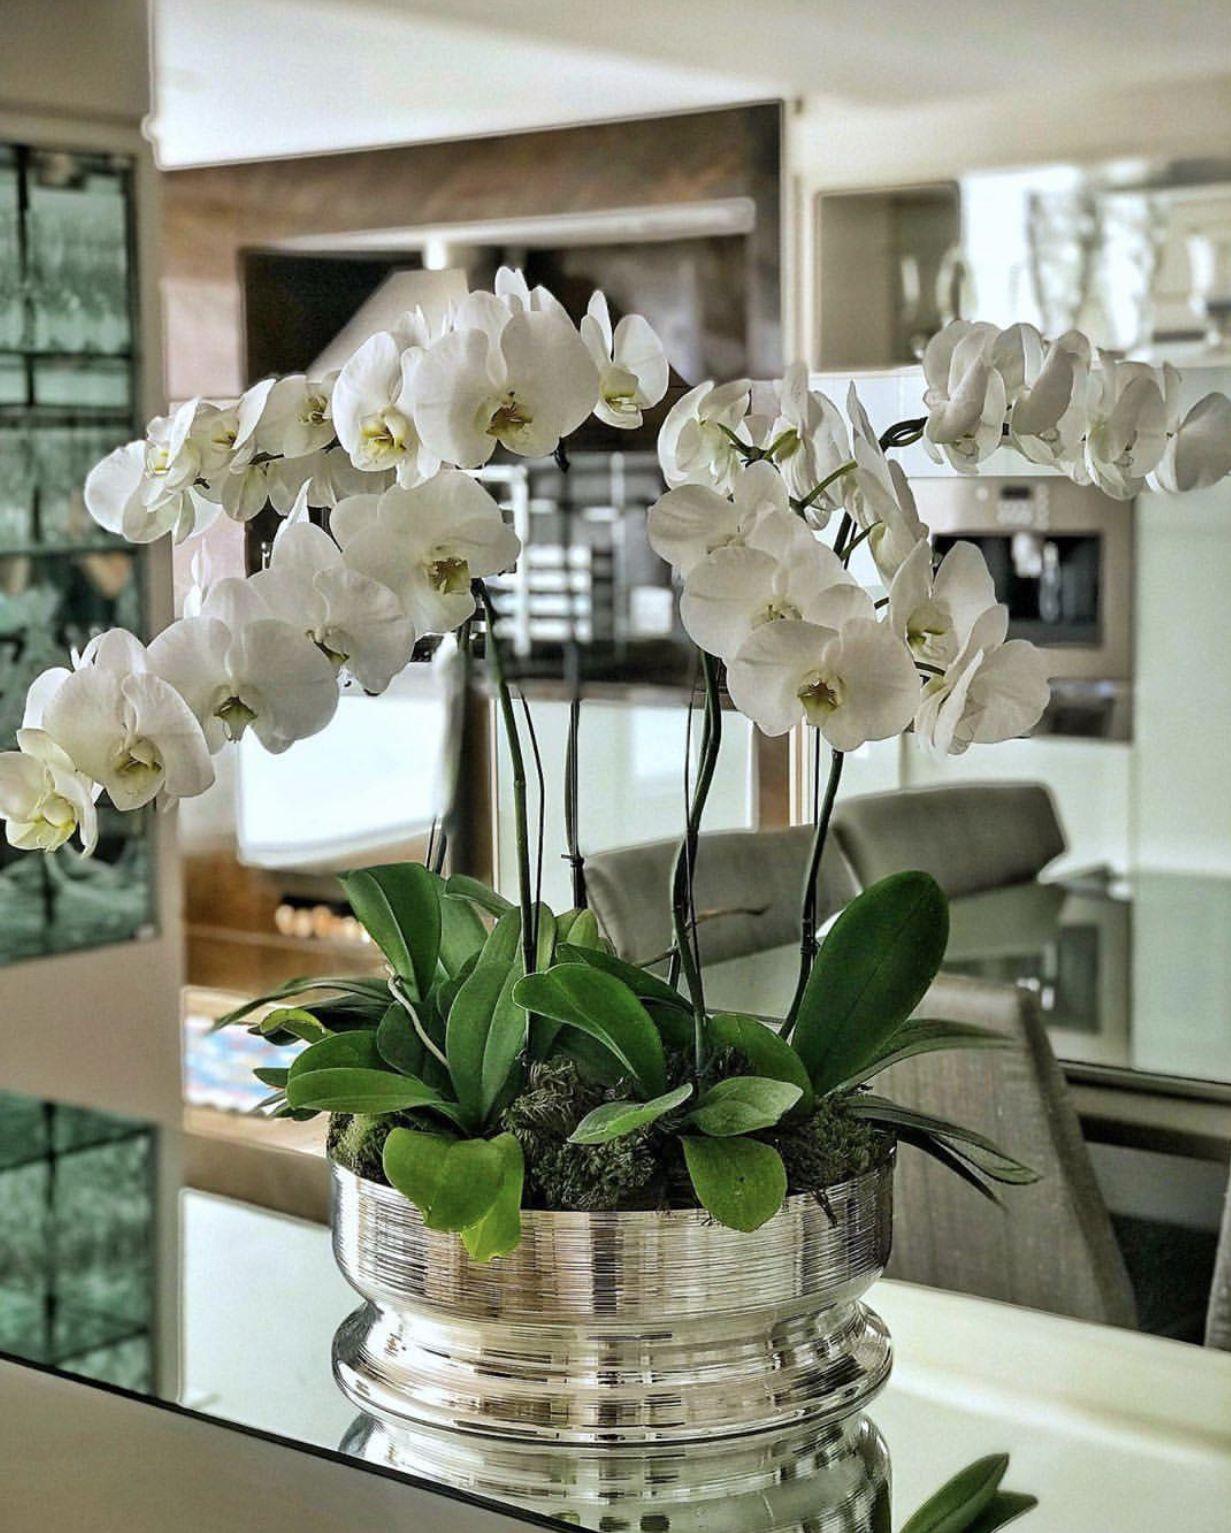 Centro De Mesa Spin Em Prata St James Arranjos Florais Modernos Arranjos Florais Contemporâneos Arranjos De Flores Artificiais